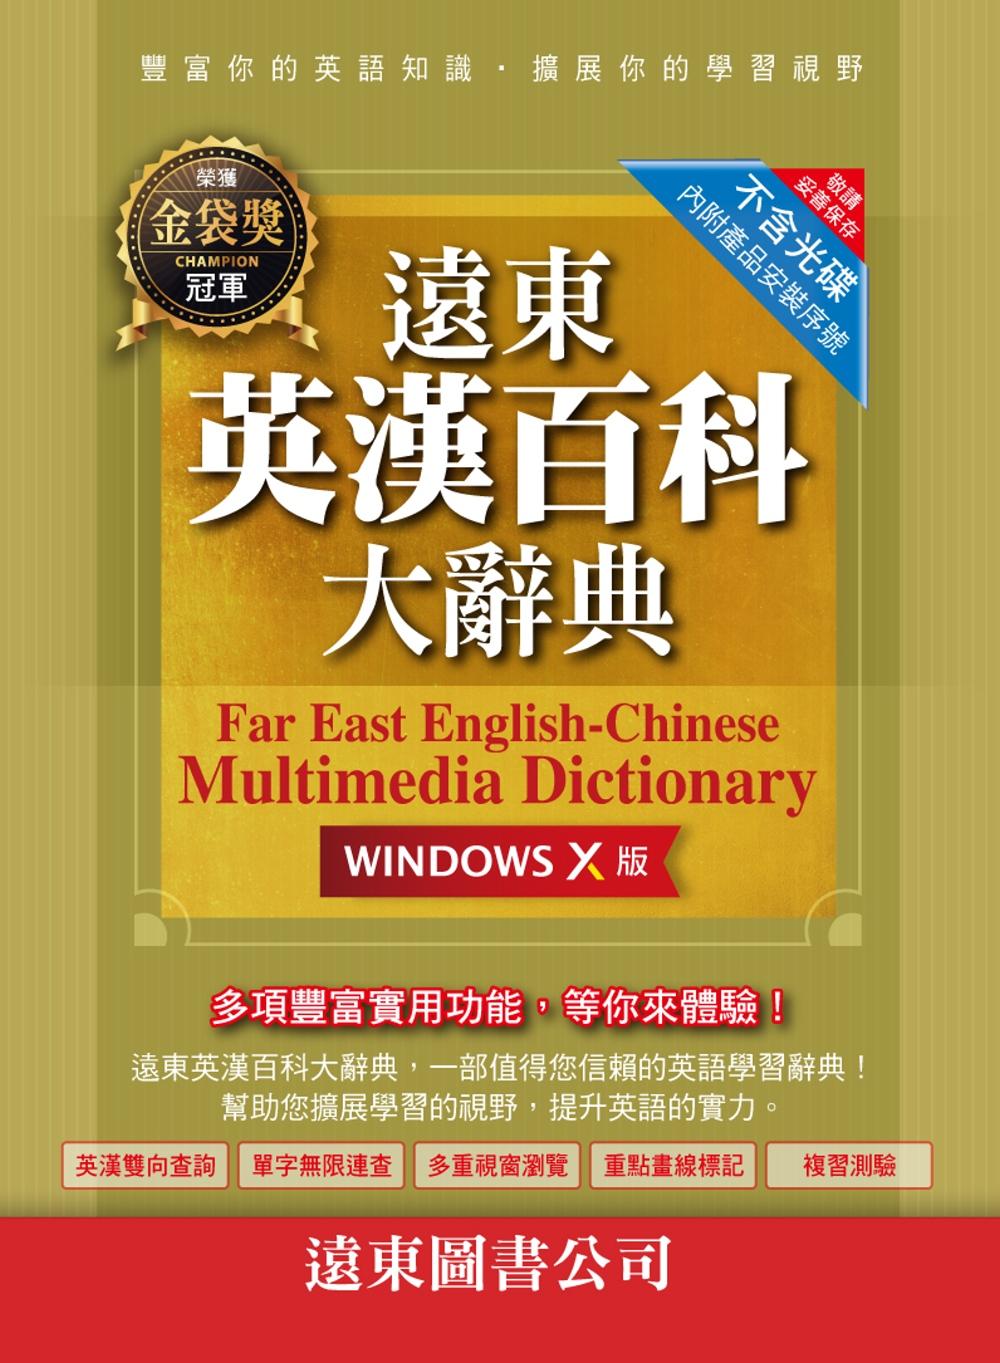 遠東英漢百科大辭典(Windows X 版)(網路下載版)